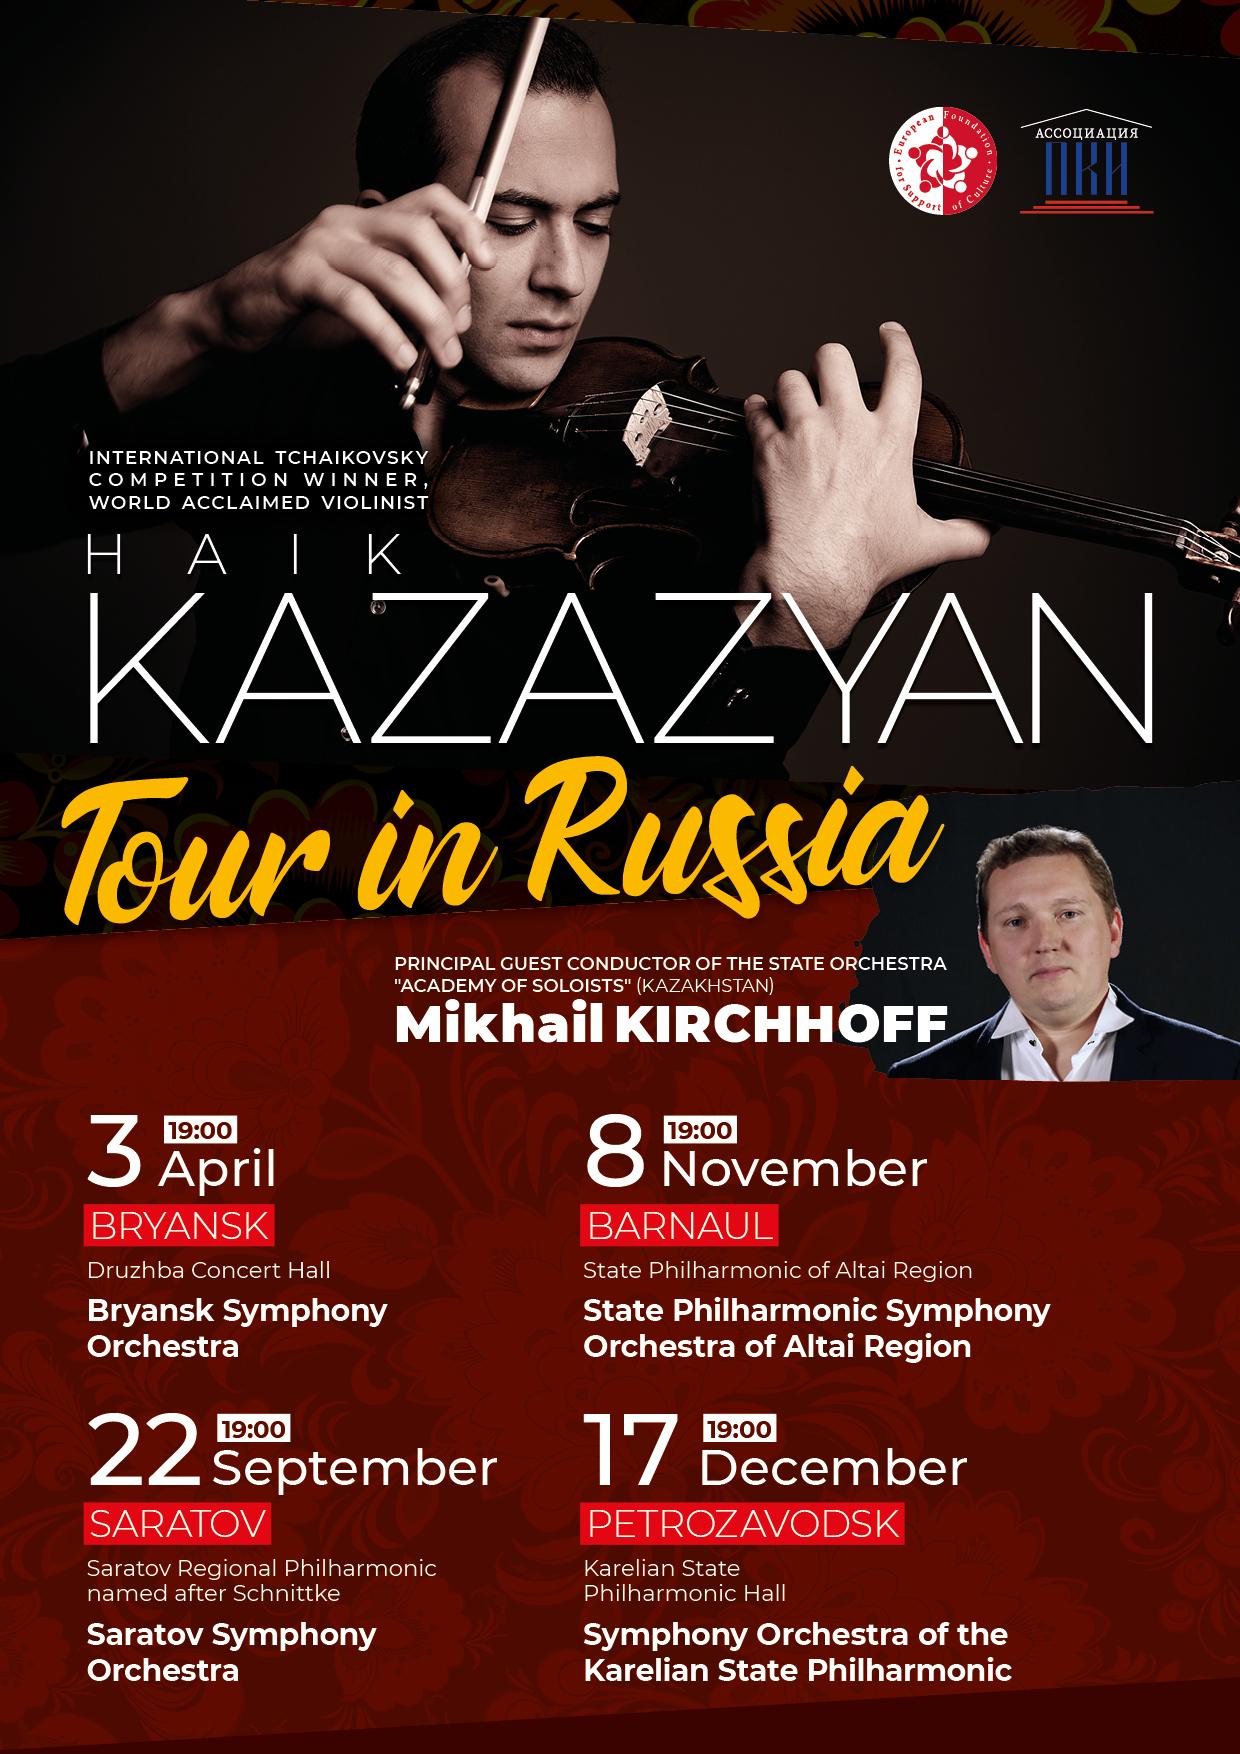 Haik Kazazyan Tour in Russian